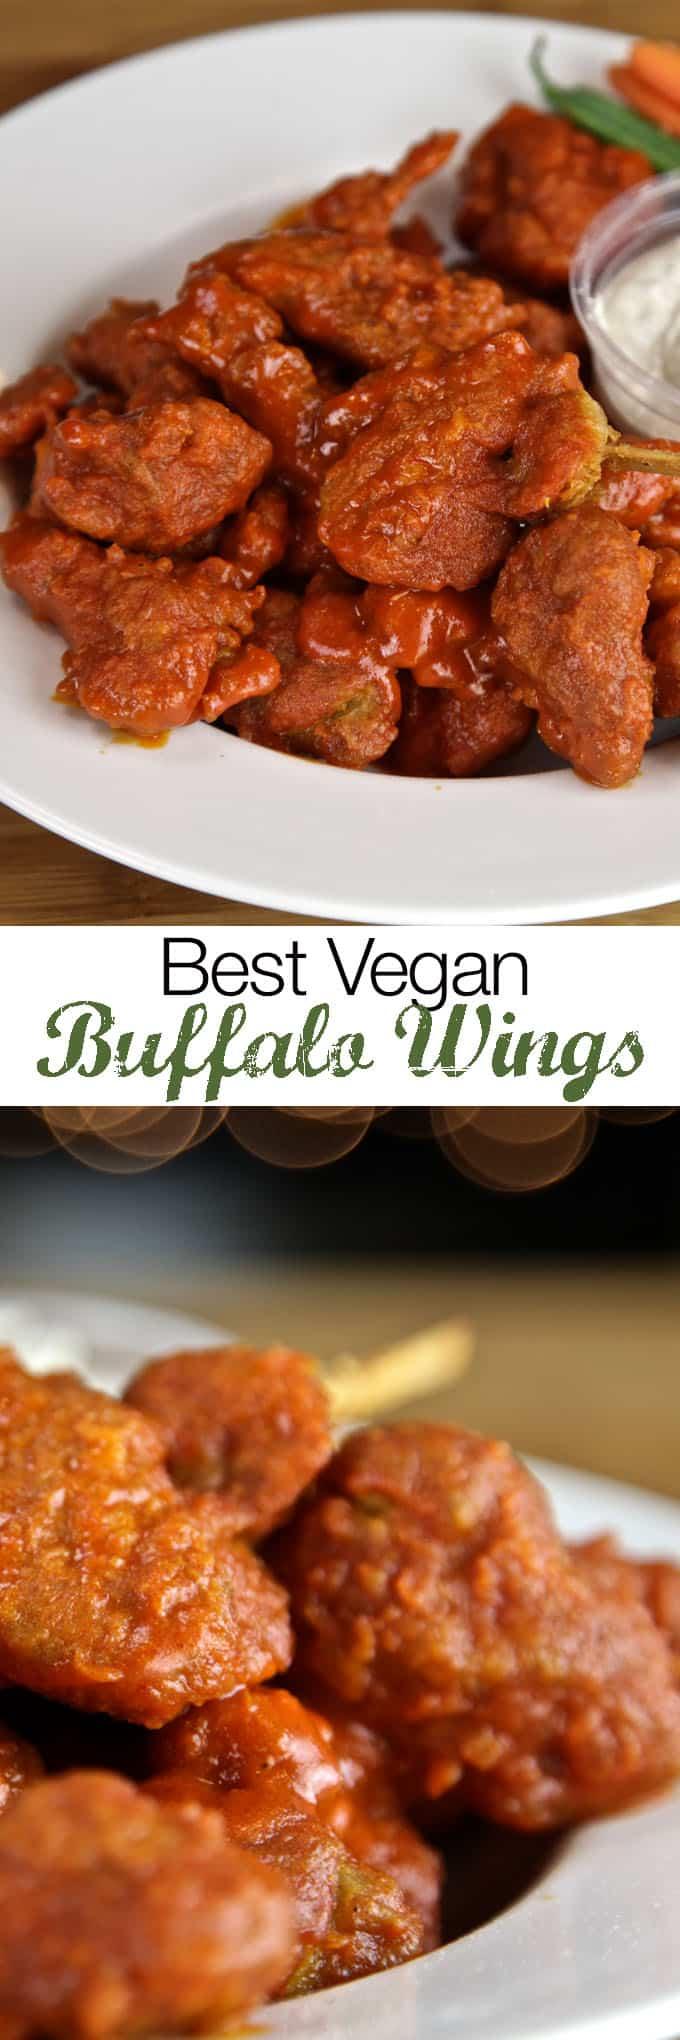 Vegan Buffalo Wings Recipe